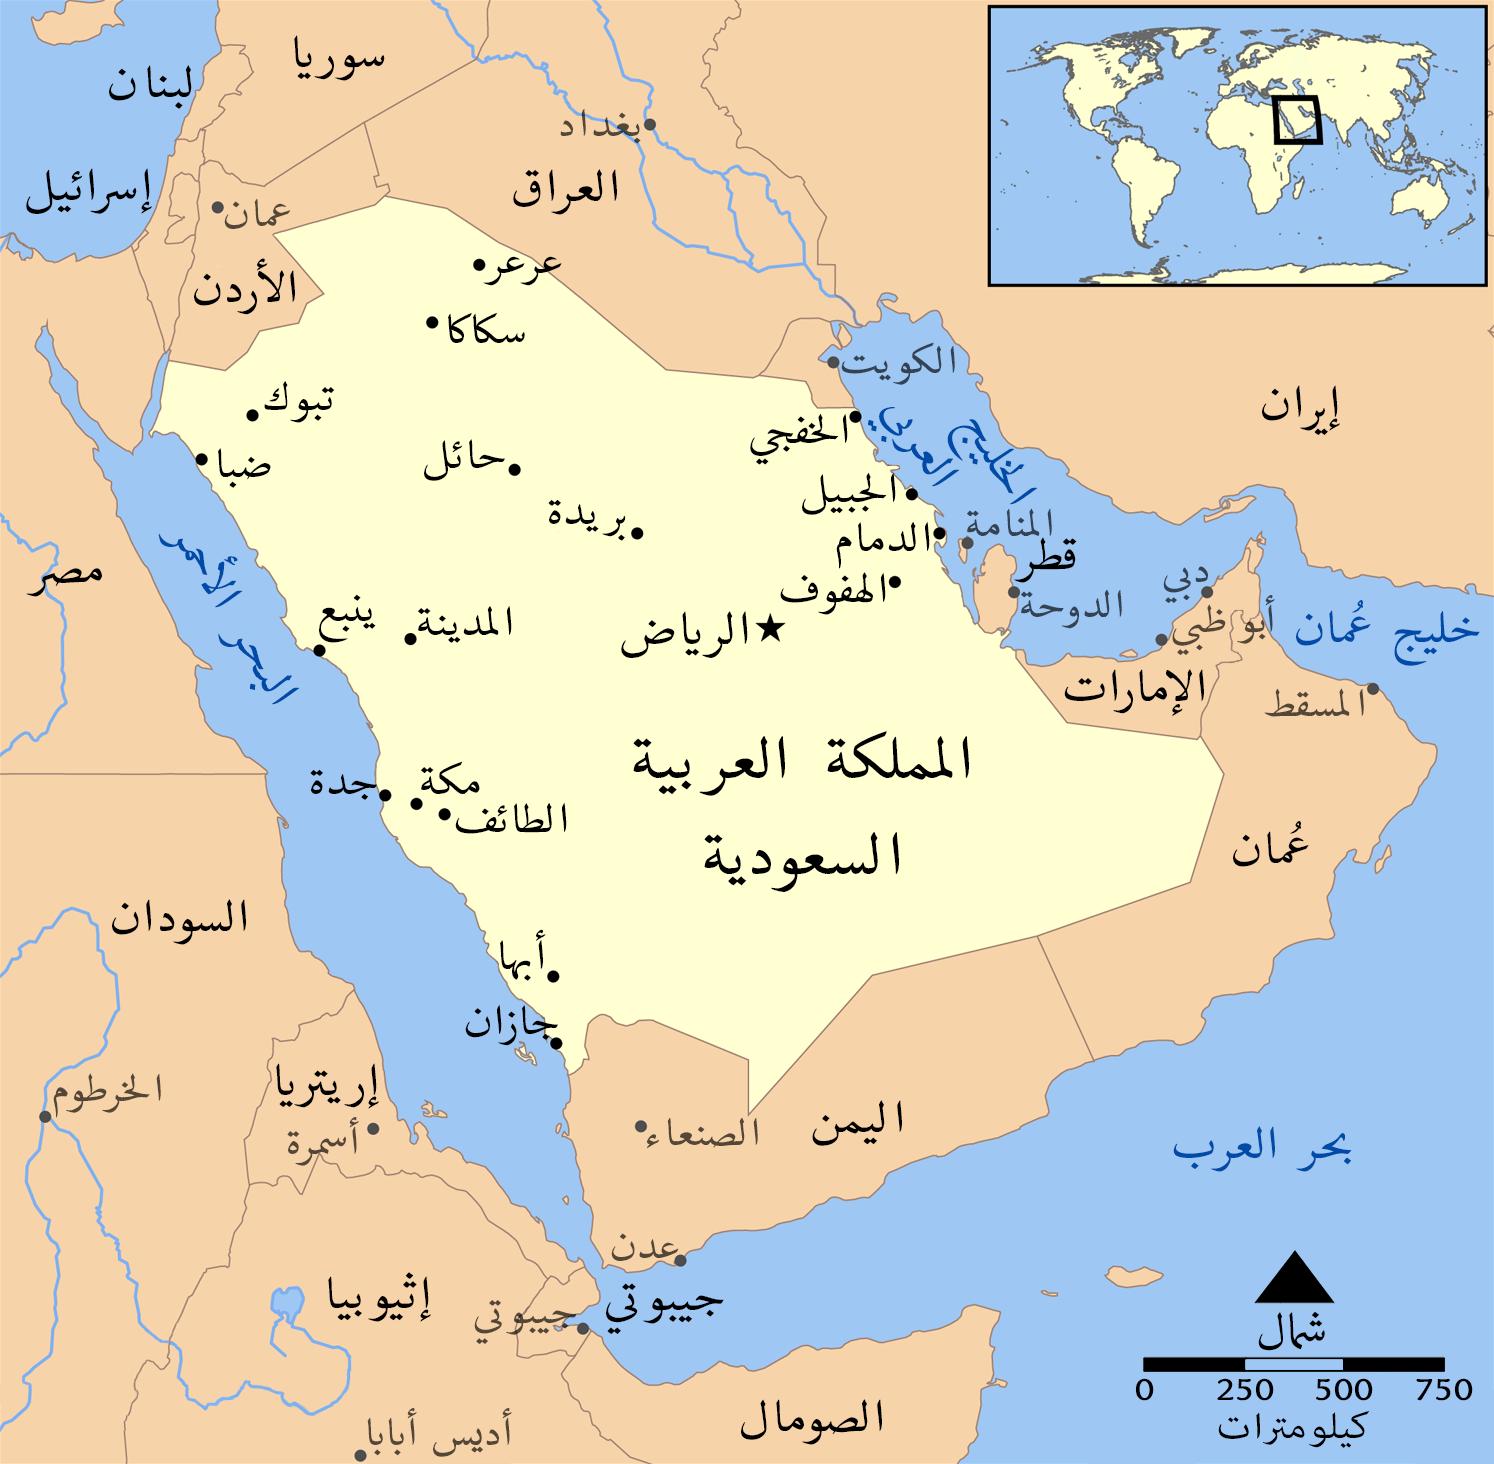 خريطة الهضاب في المملكة وما هي مساحة الهضاب الداخلية والخارجية زيادة